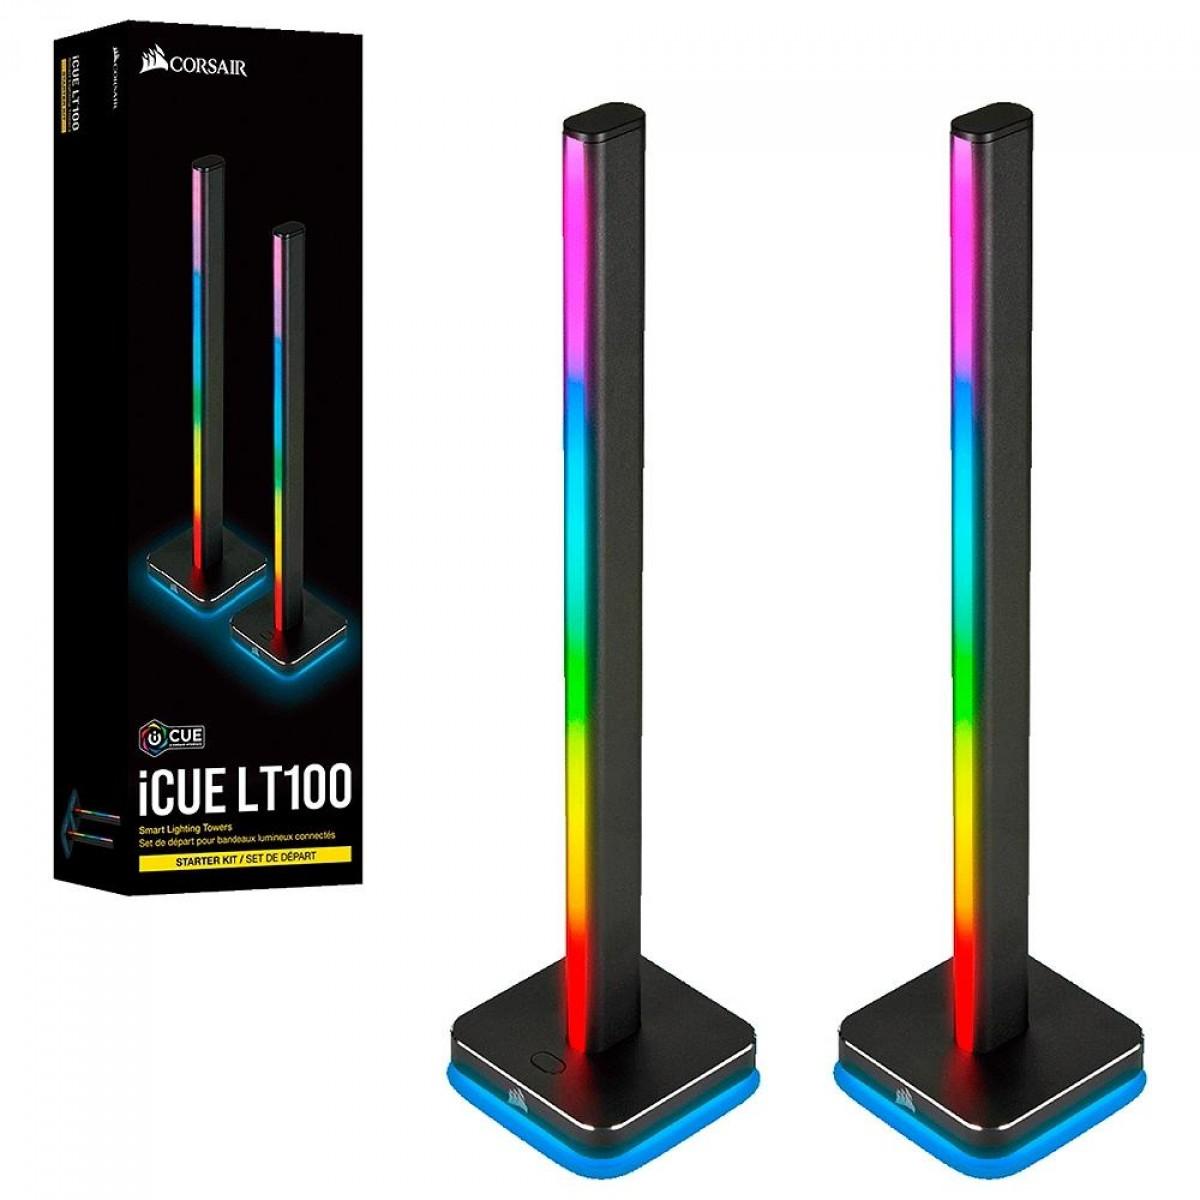 Torre de Iluminação Corsair ICUE LT100, RGB, Suporte para Headset, CD-9010002-NA